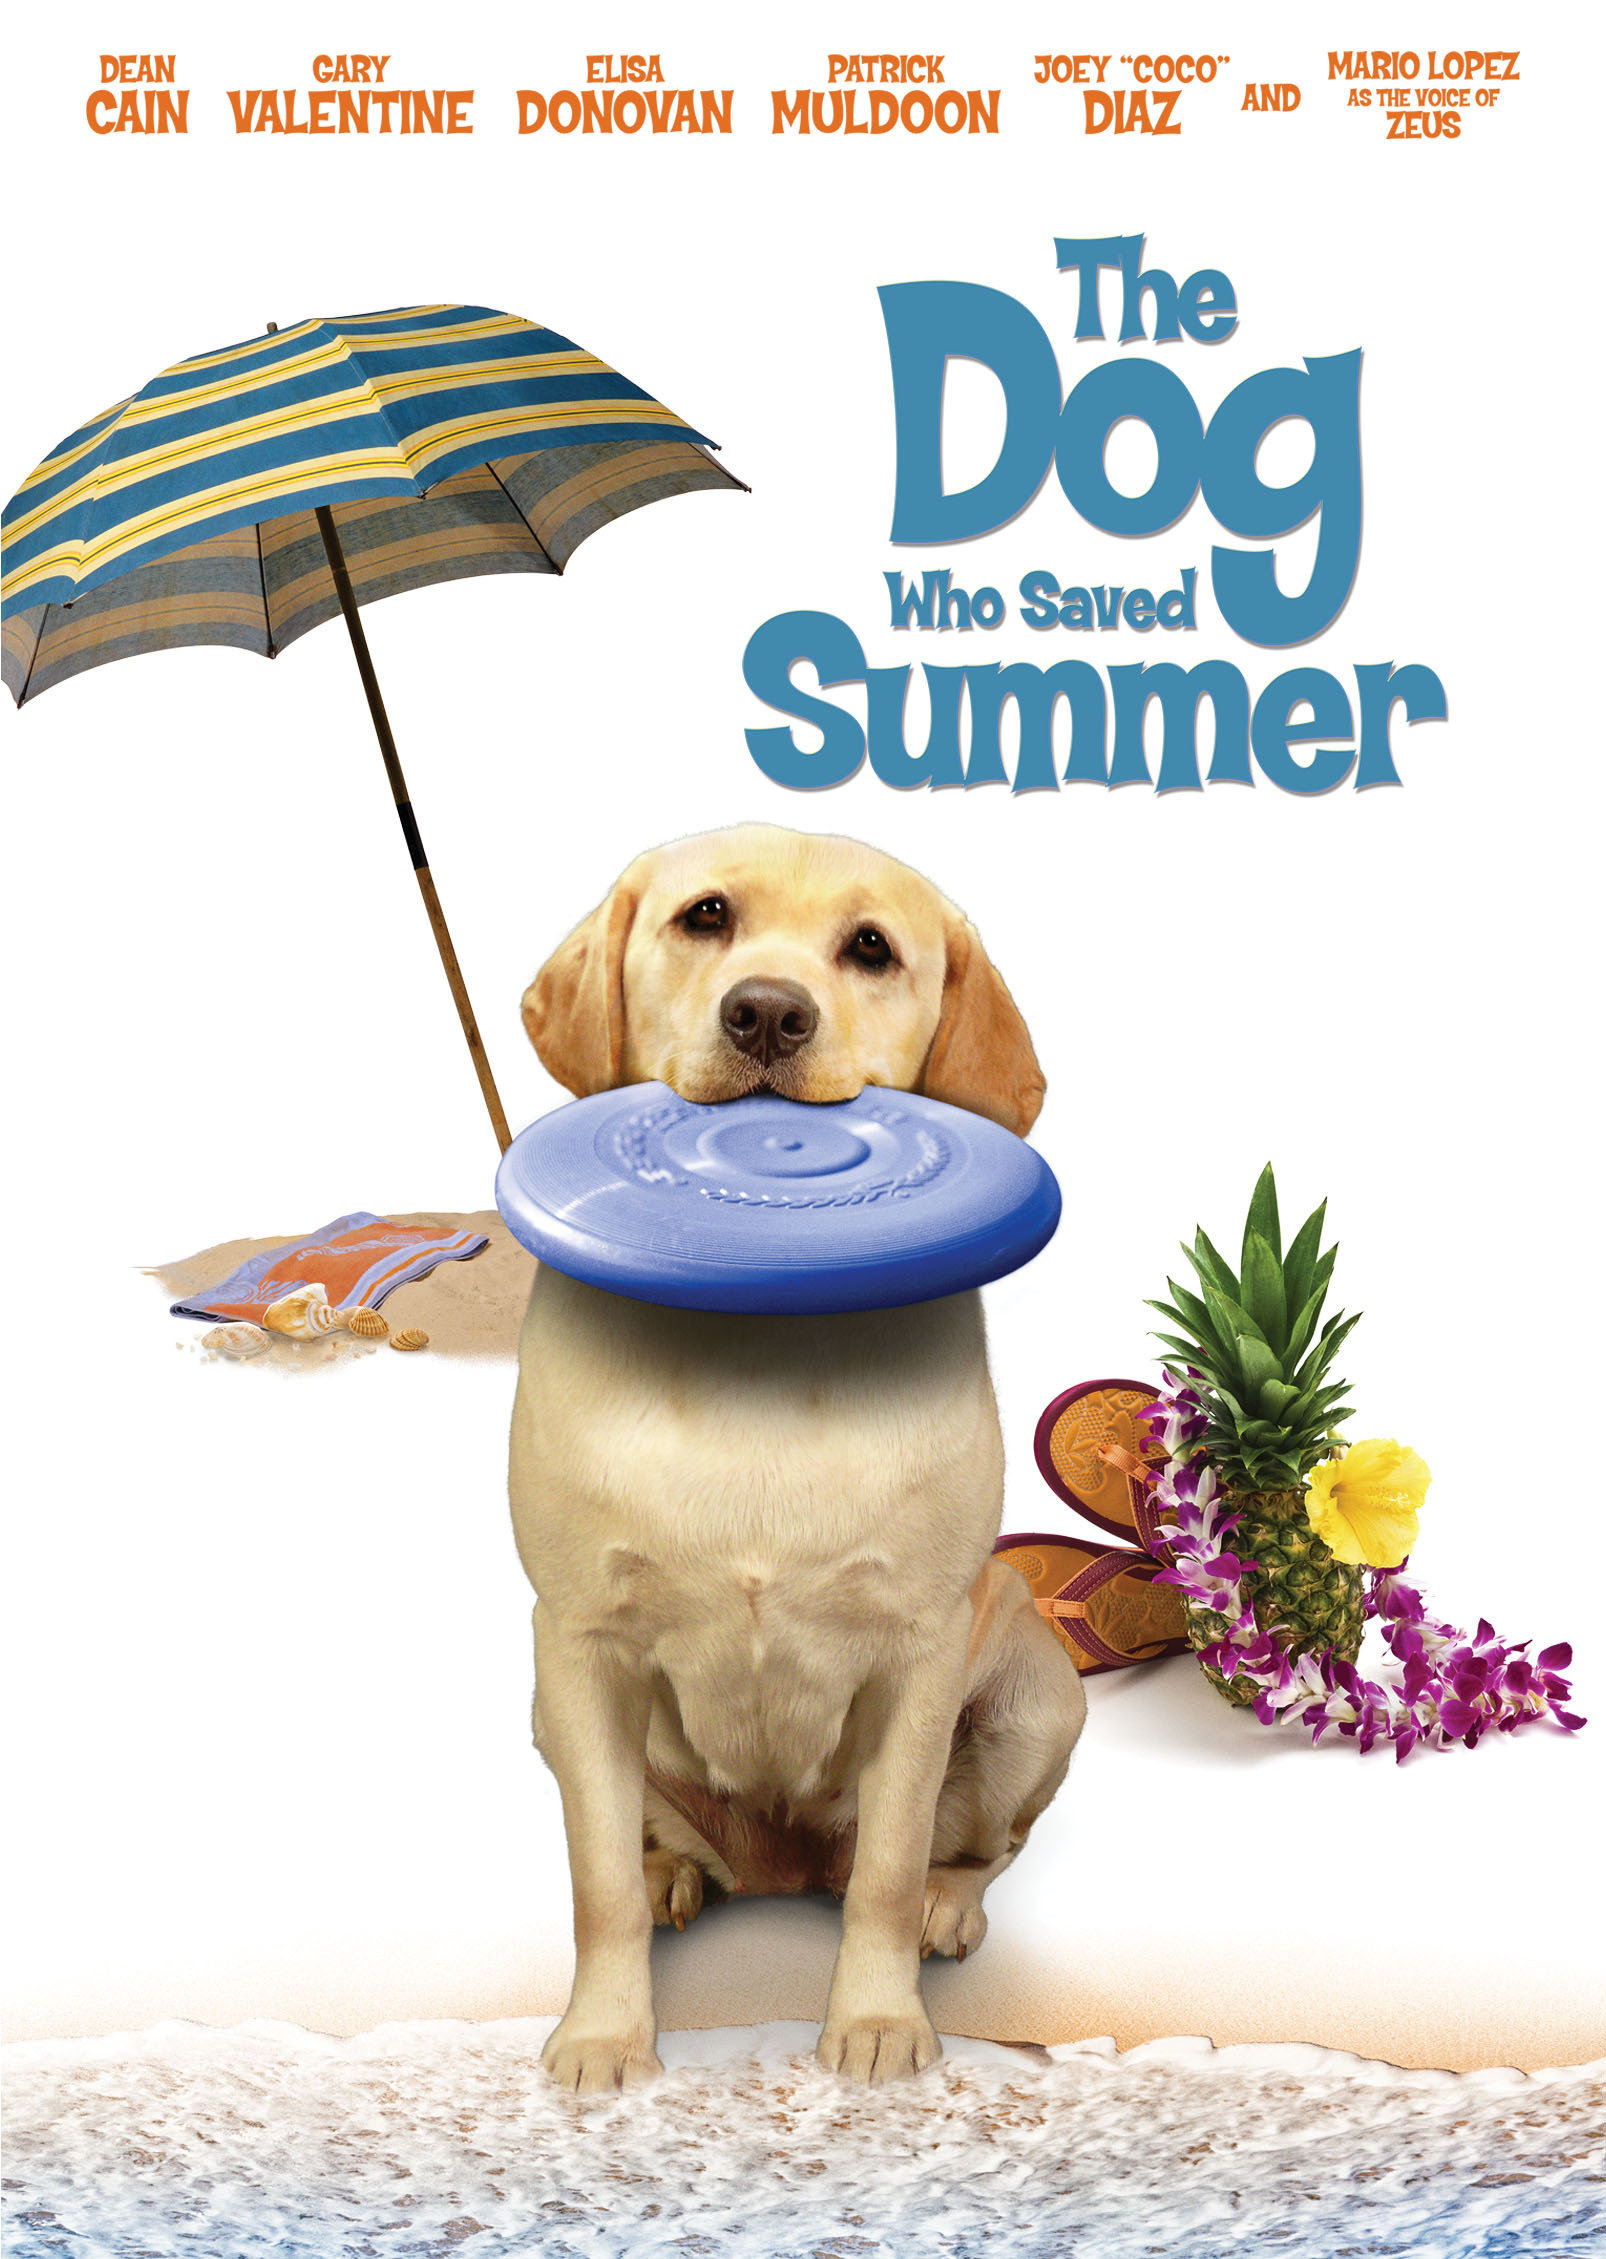 The Dog Who Saved Summer 2015 Imdb